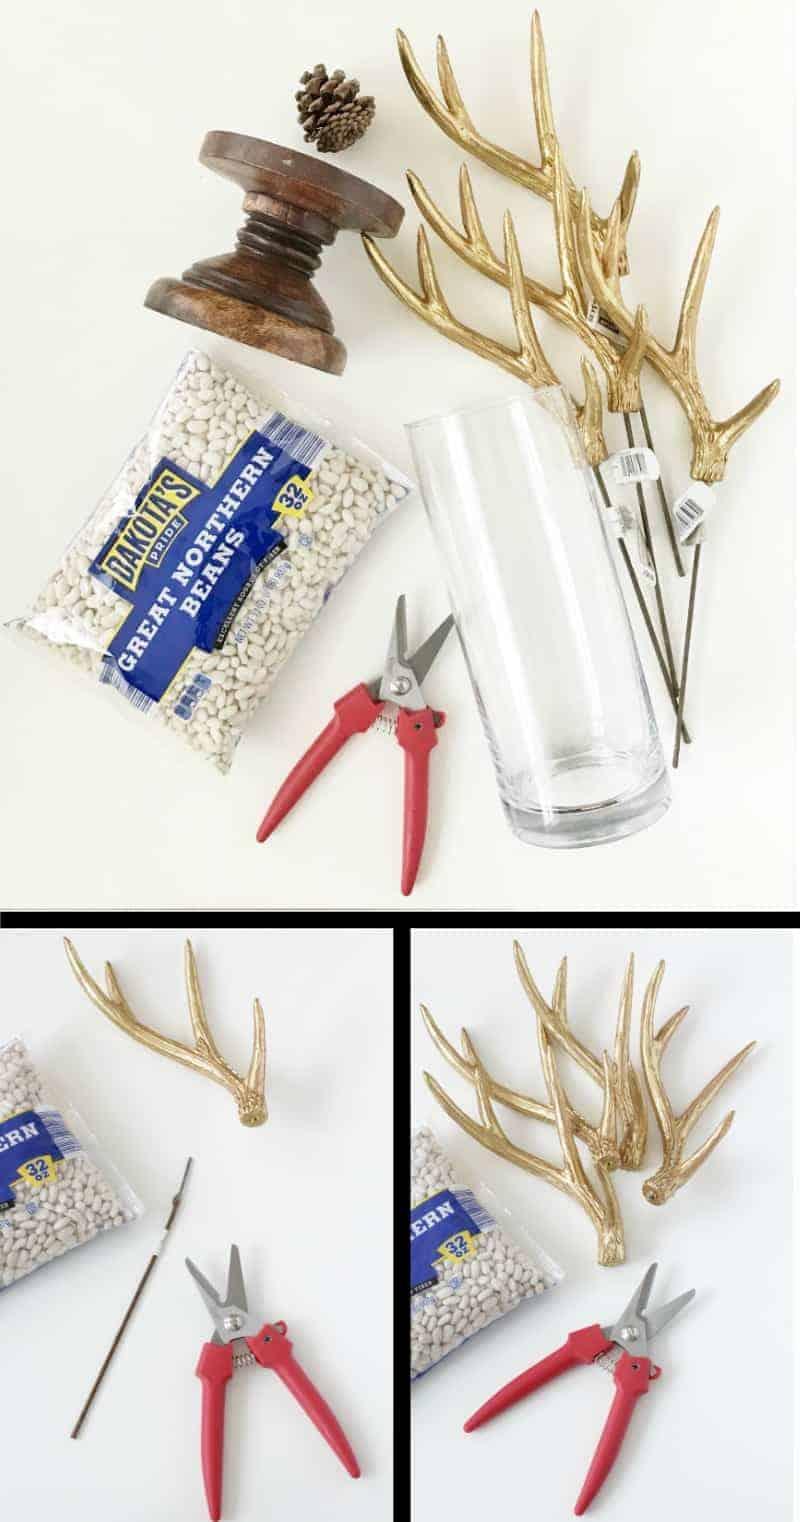 Steps to make a DIY Christmas centerpiece